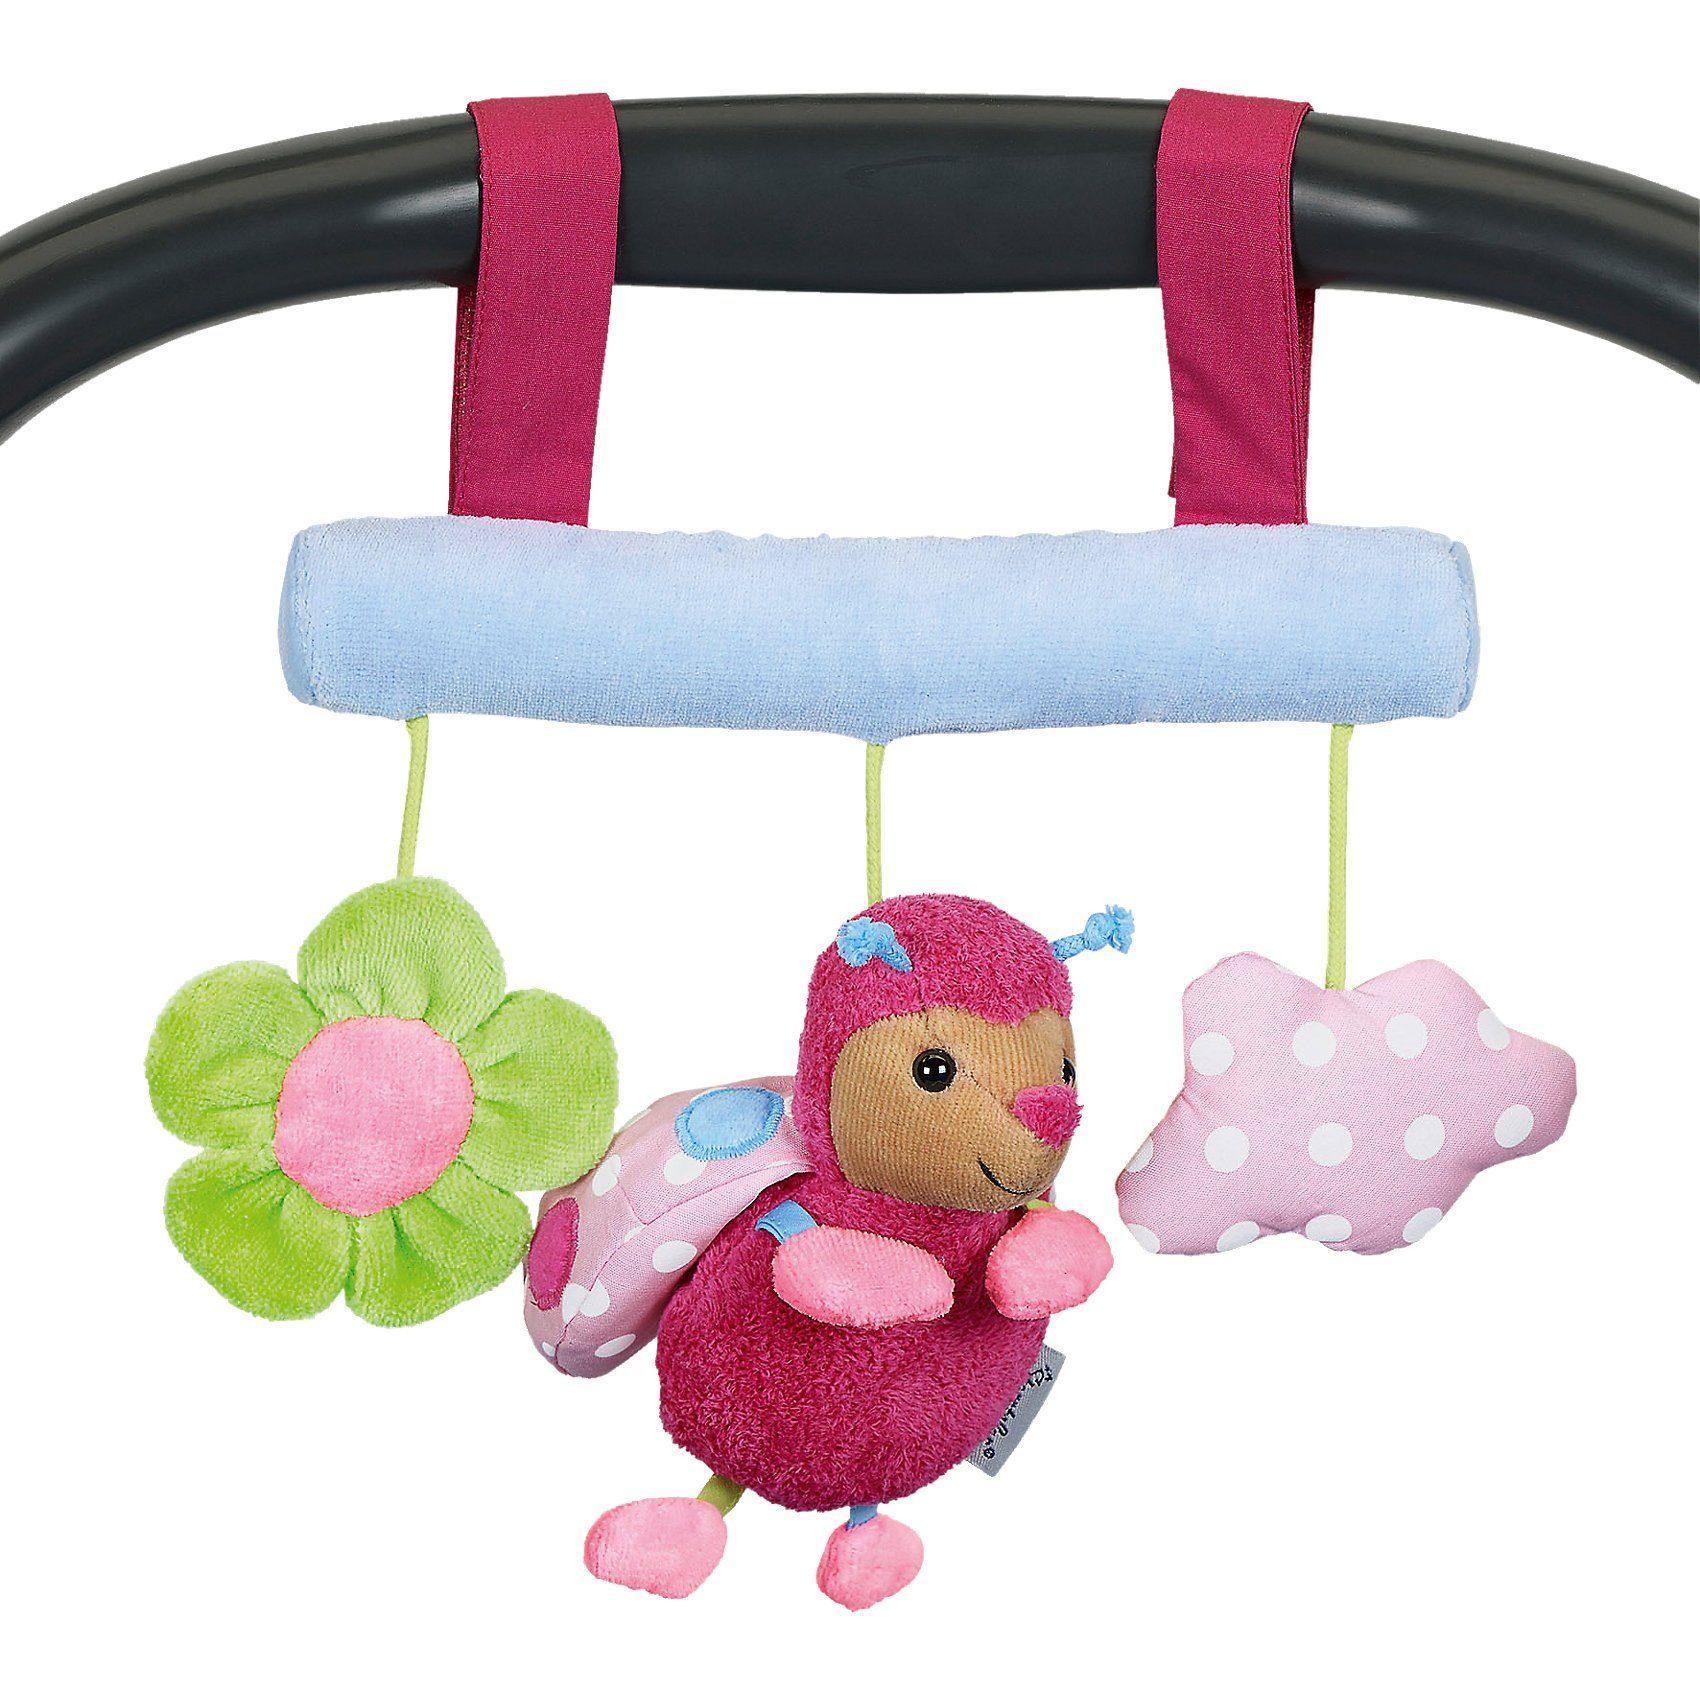 Spielzeug zum Aufhängen Katharina, 25 cm